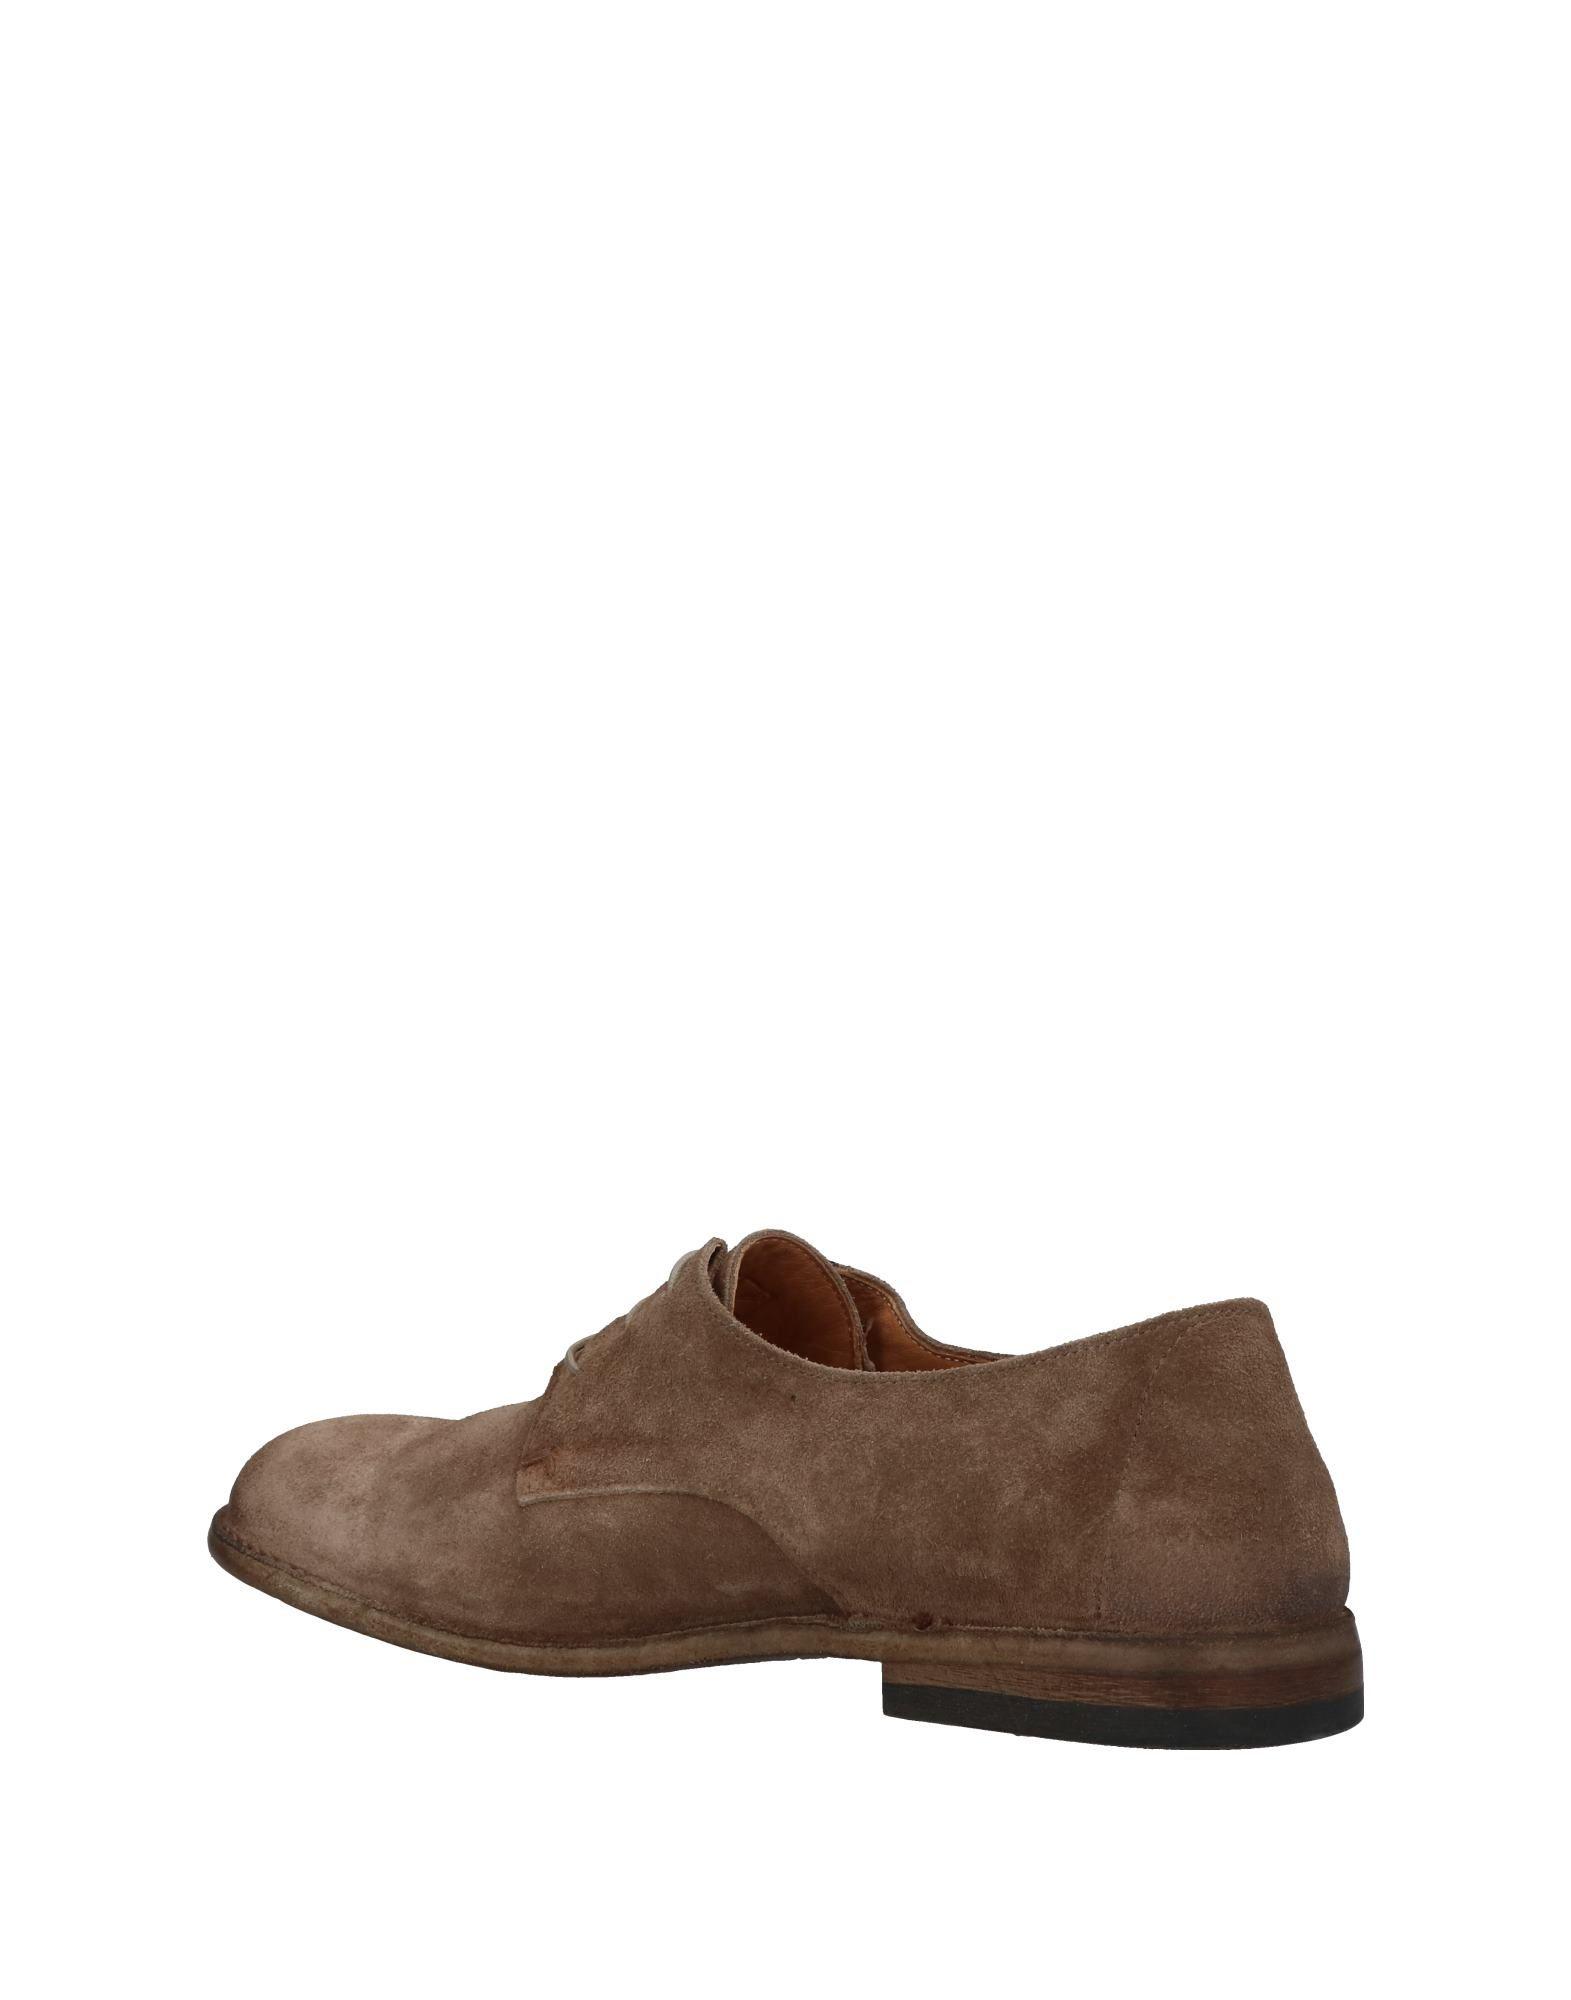 Pantanetti Pantanetti Pantanetti Schnürschuhe Damen  11381679JK Heiße Schuhe 7a0363